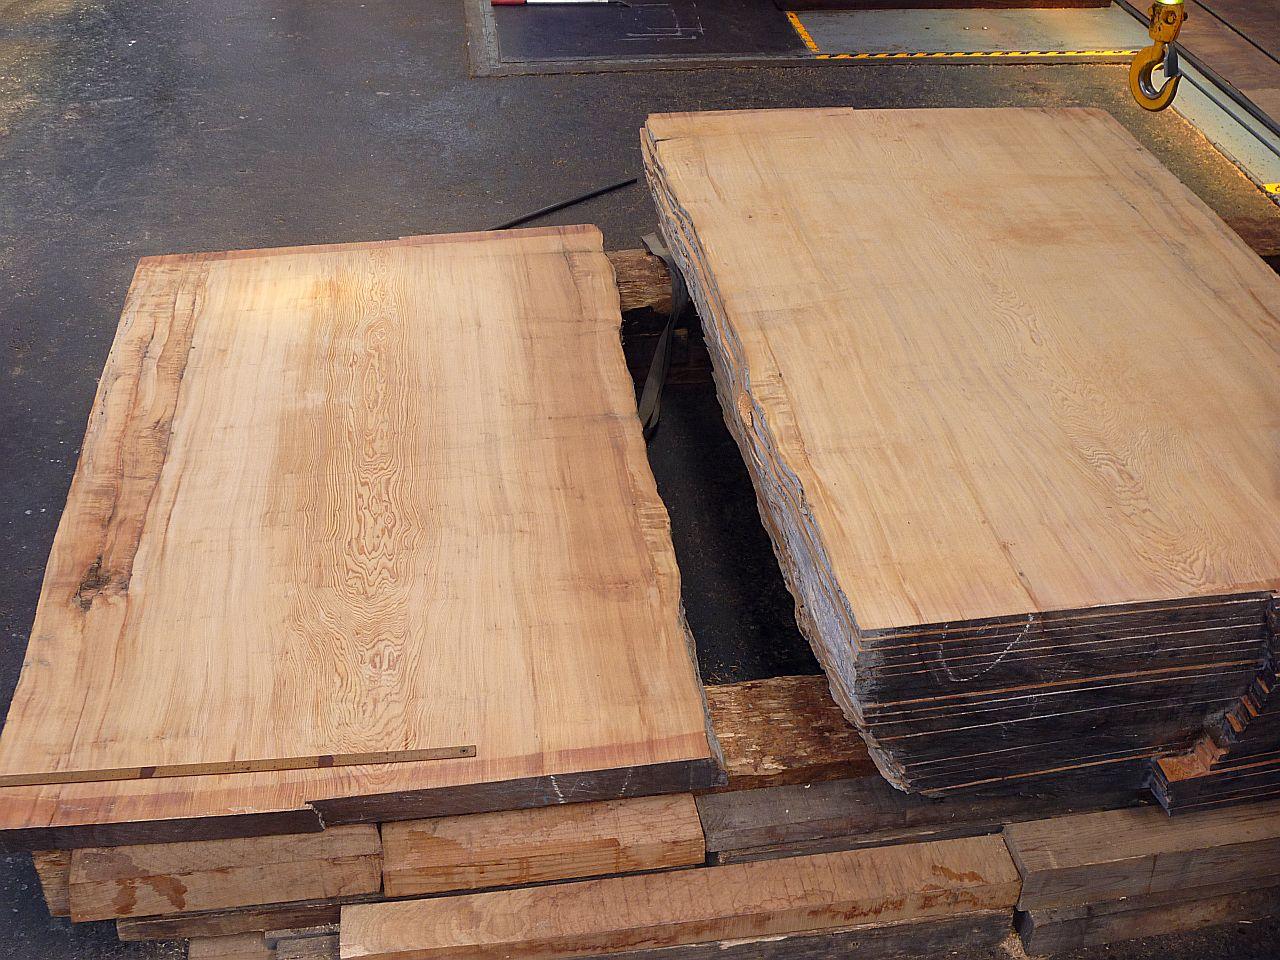 半割後、帯ノコ盤で製材した屋久杉材(腰板18mm)です